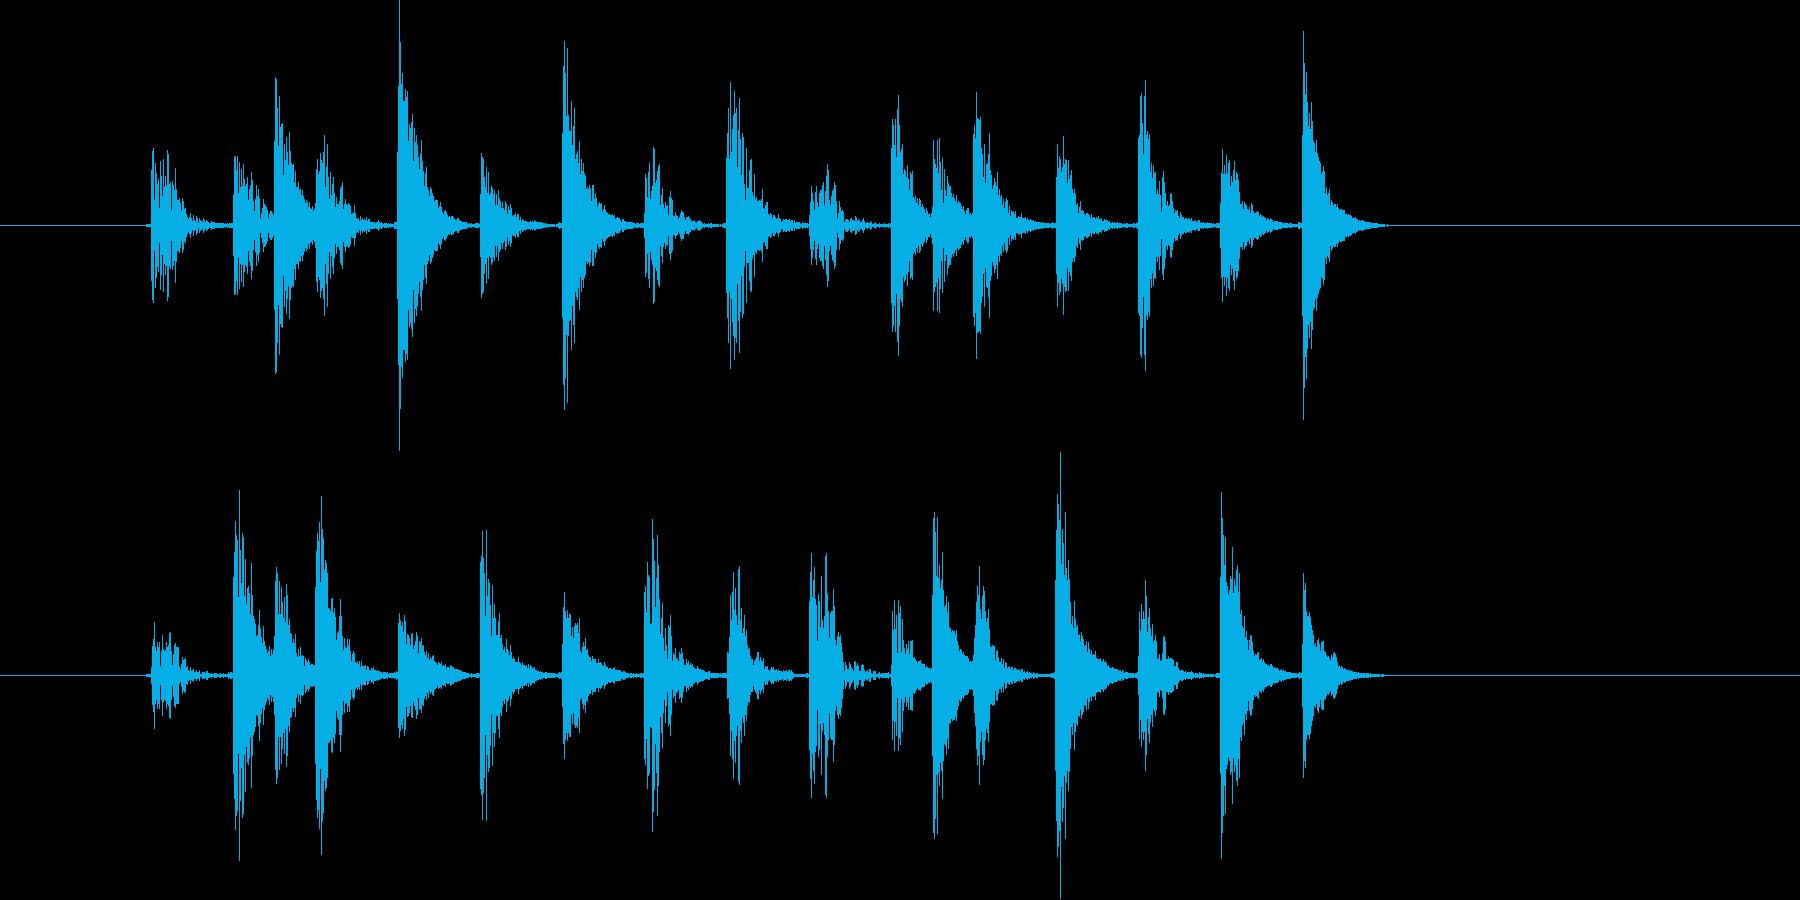 シリアスなテクノ音(宇宙、ミステリー)の再生済みの波形